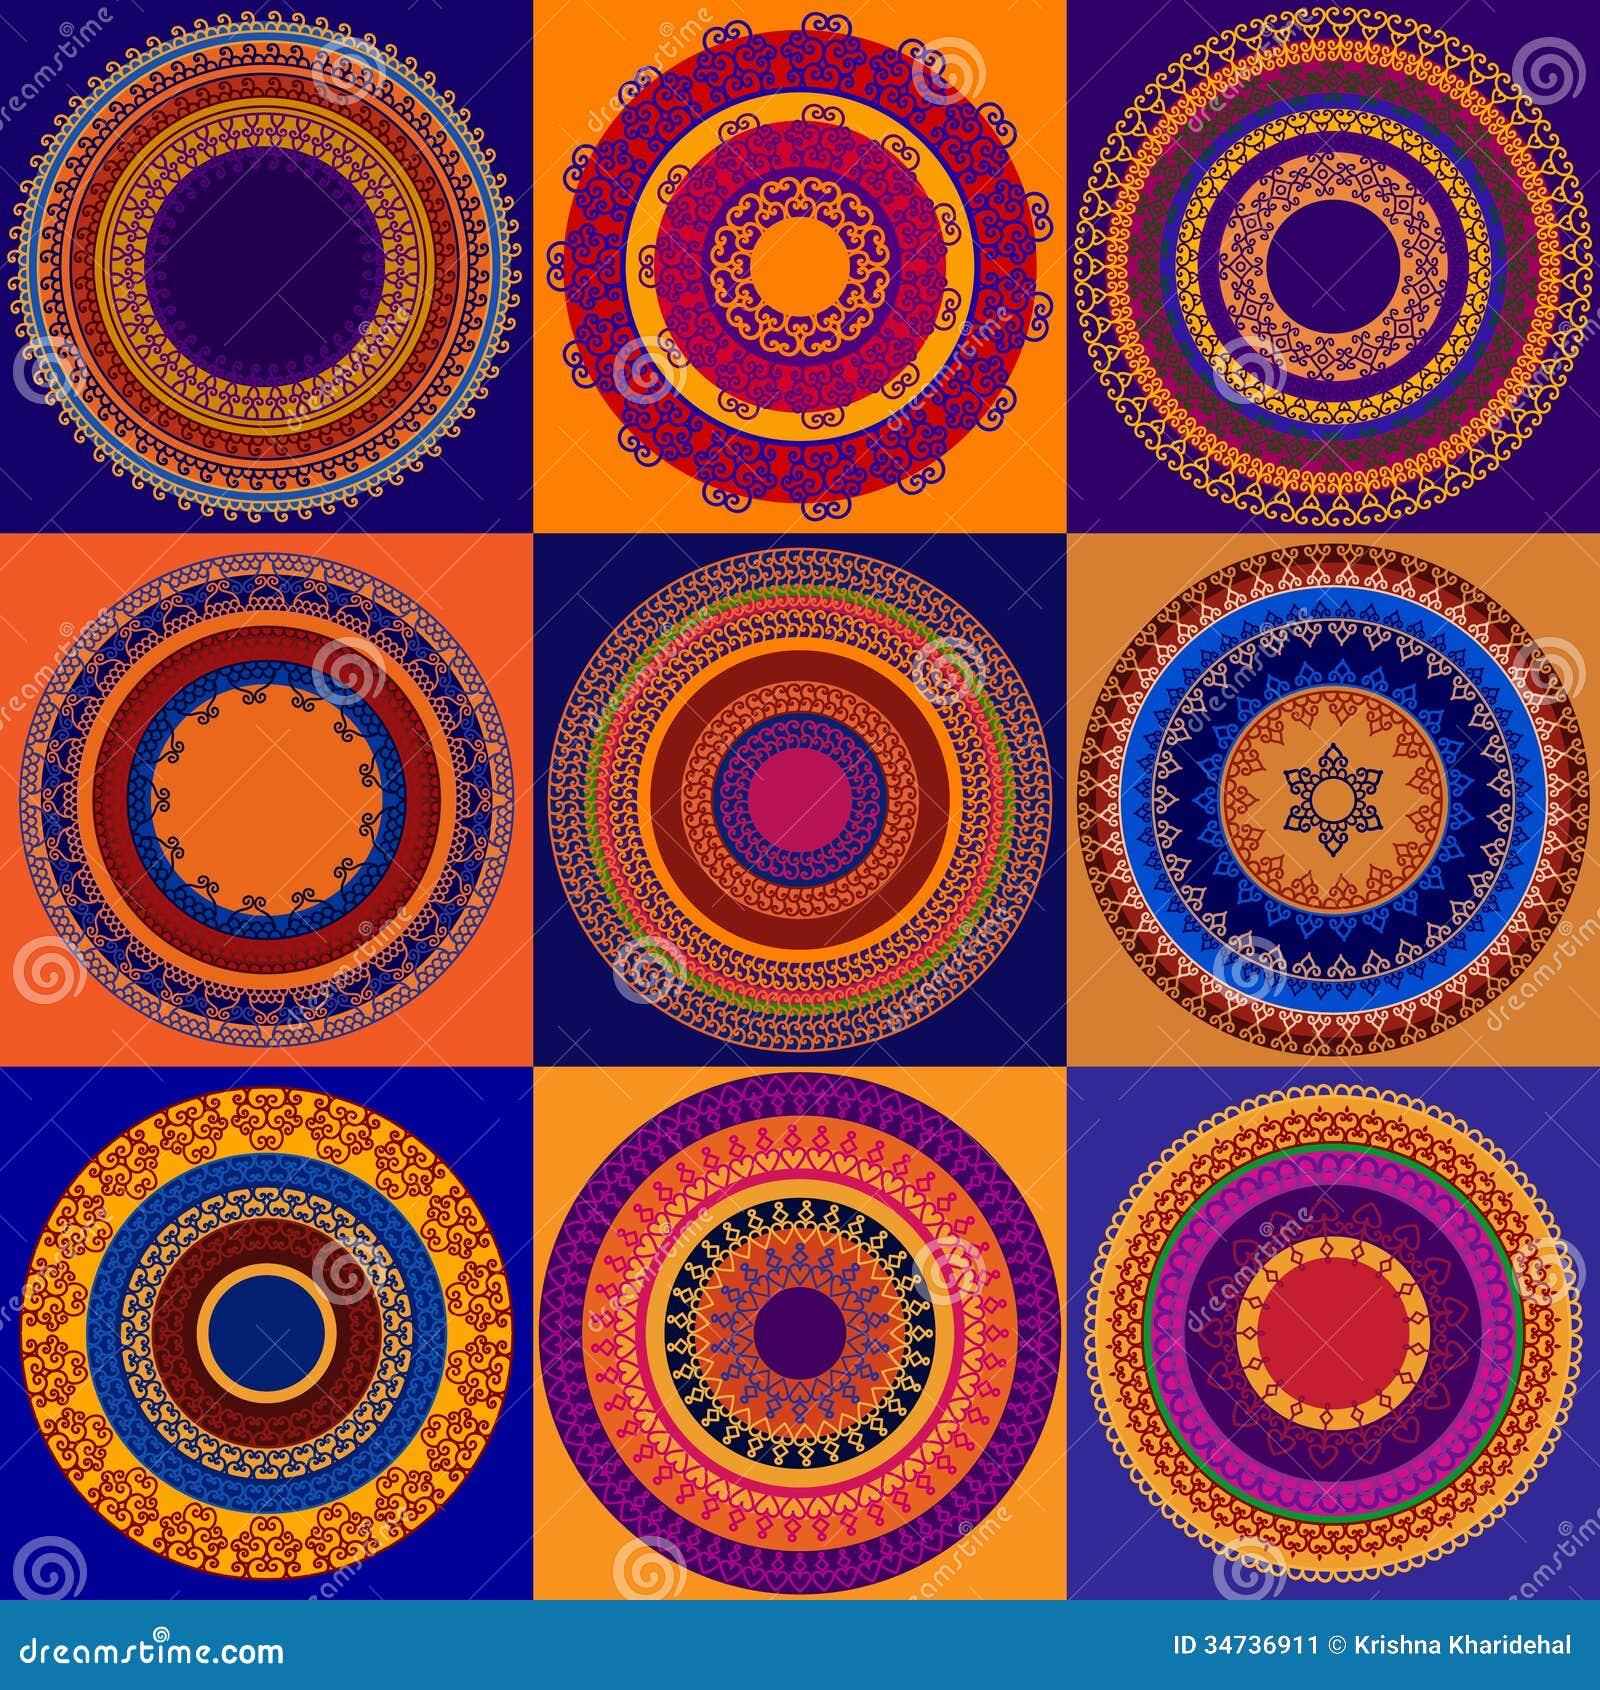 Colour Henna Mandala Background Stock Image  Image 34736911